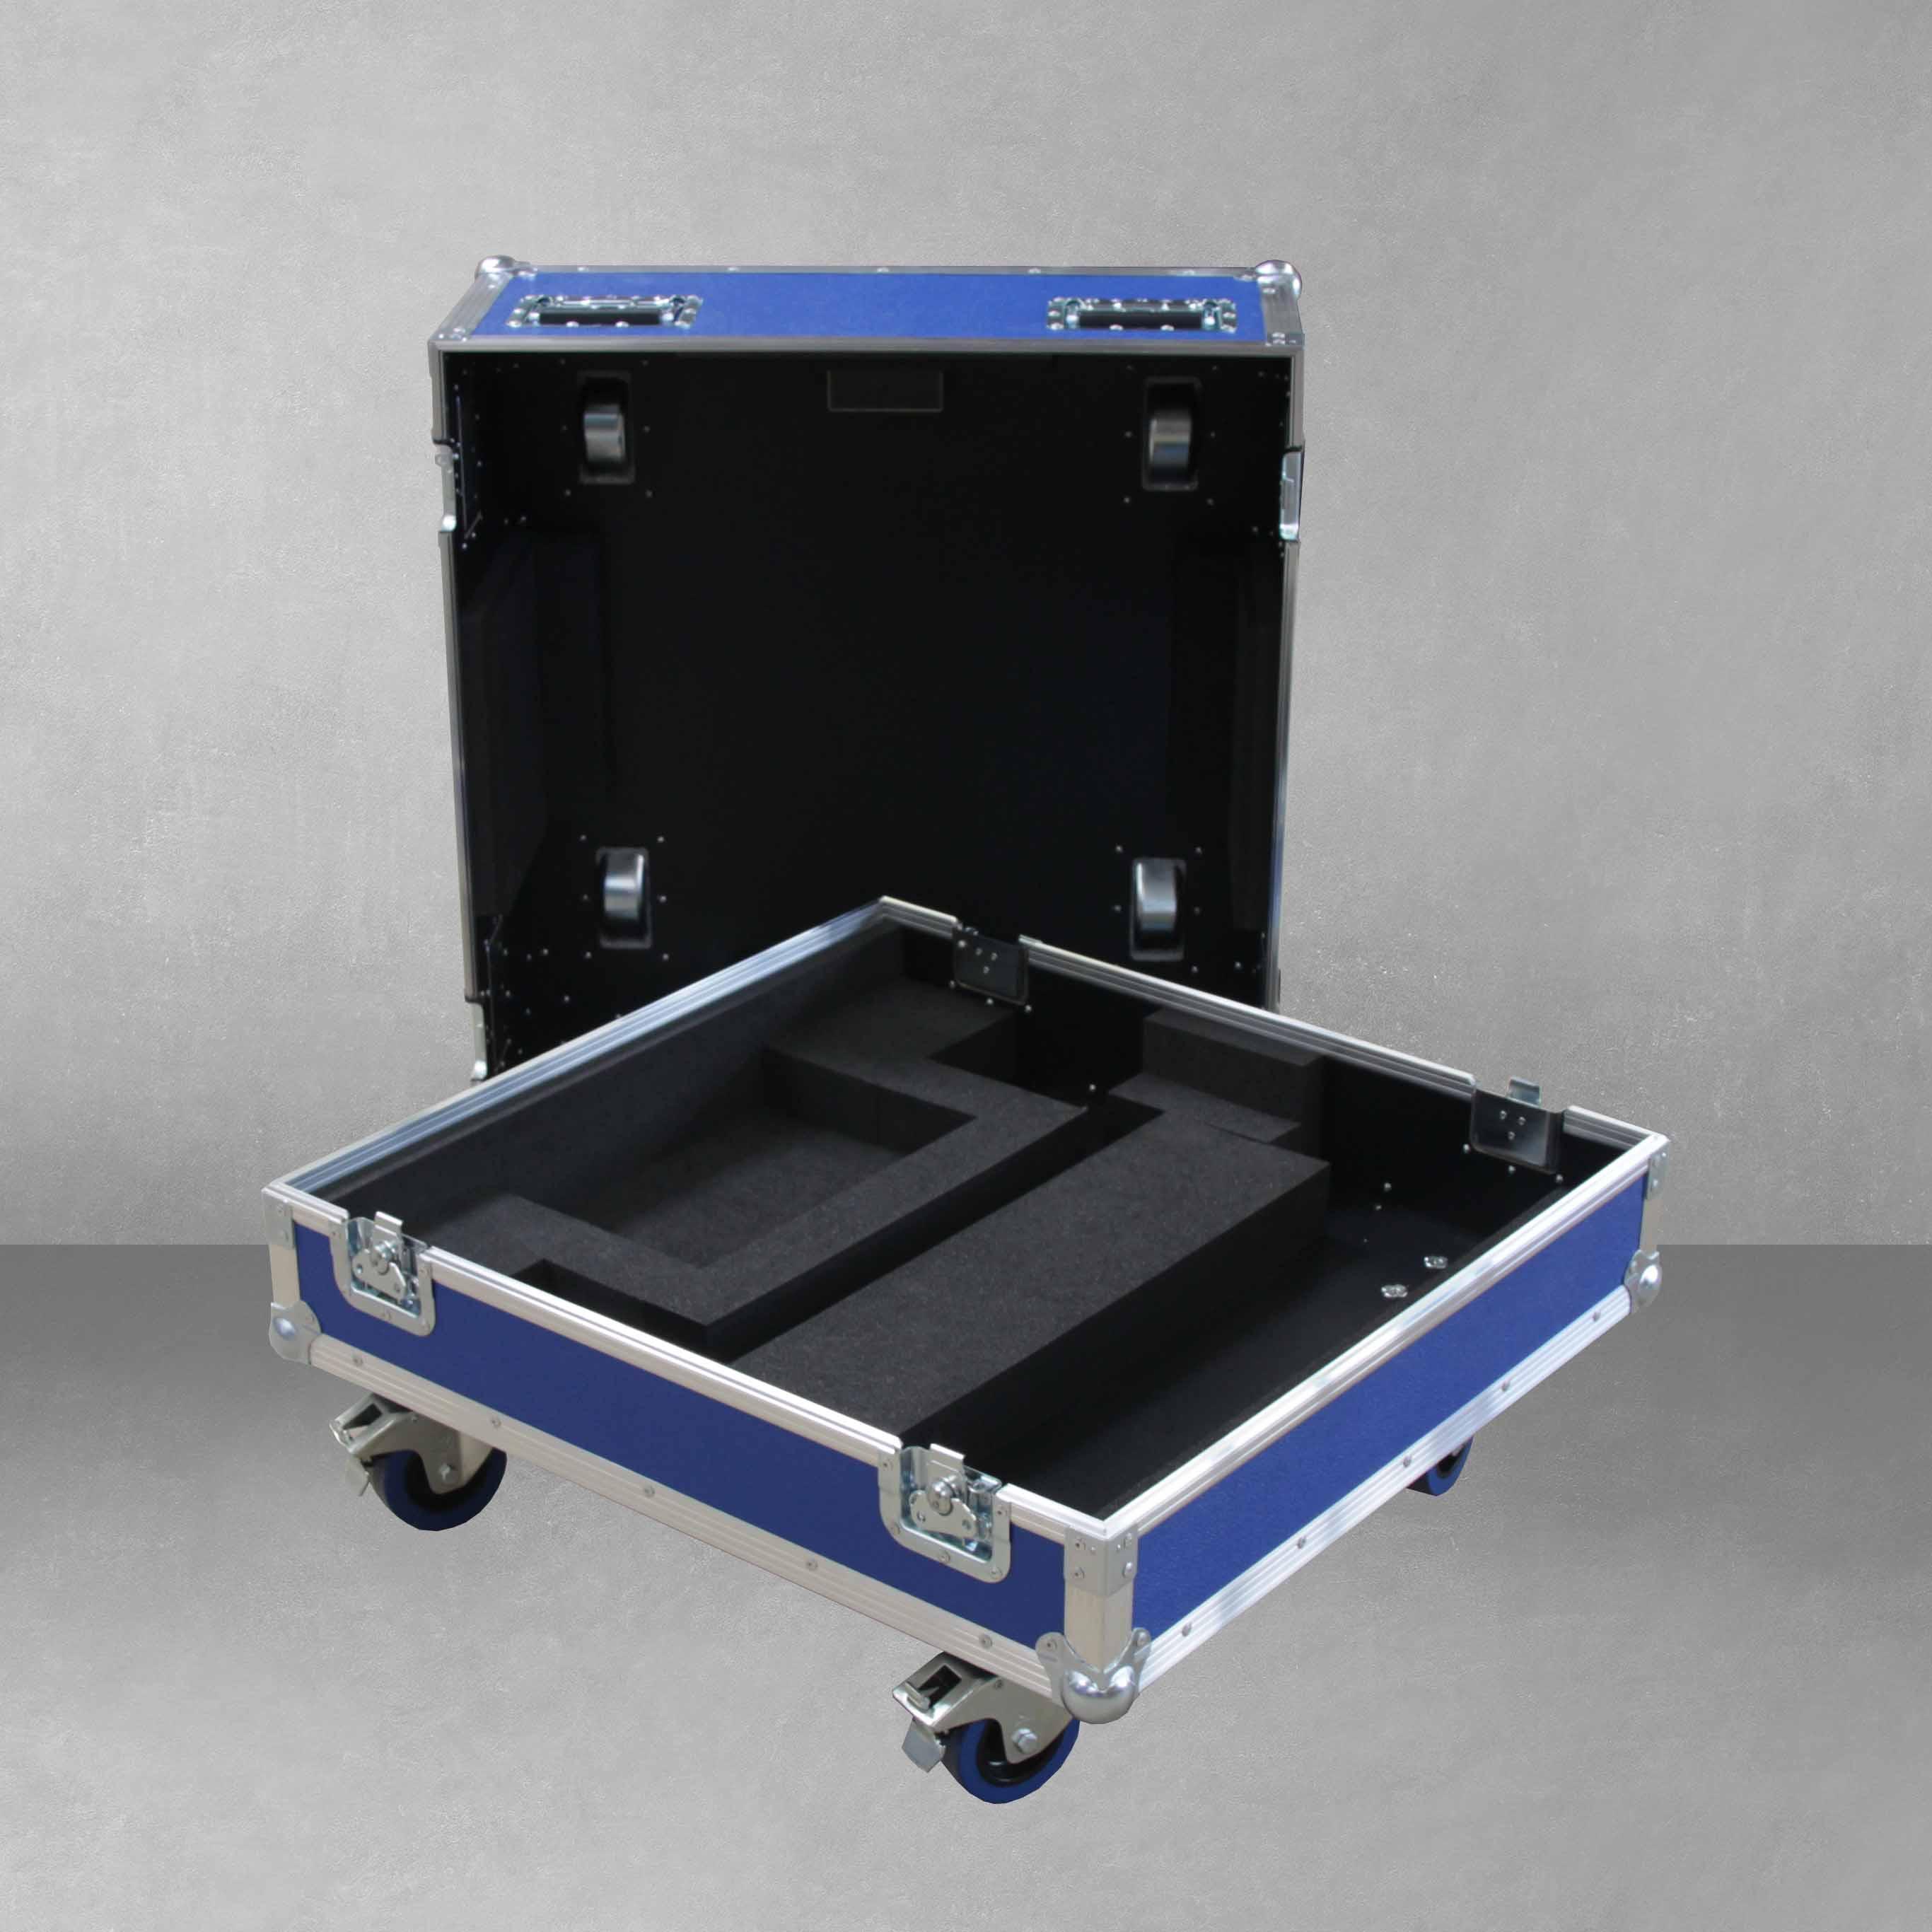 Haubencase Typ A2 für Panasonic PT-DZ110 / DZ10K / DZ13K / KDS100 / DZ870 / DW830 / DX100 /